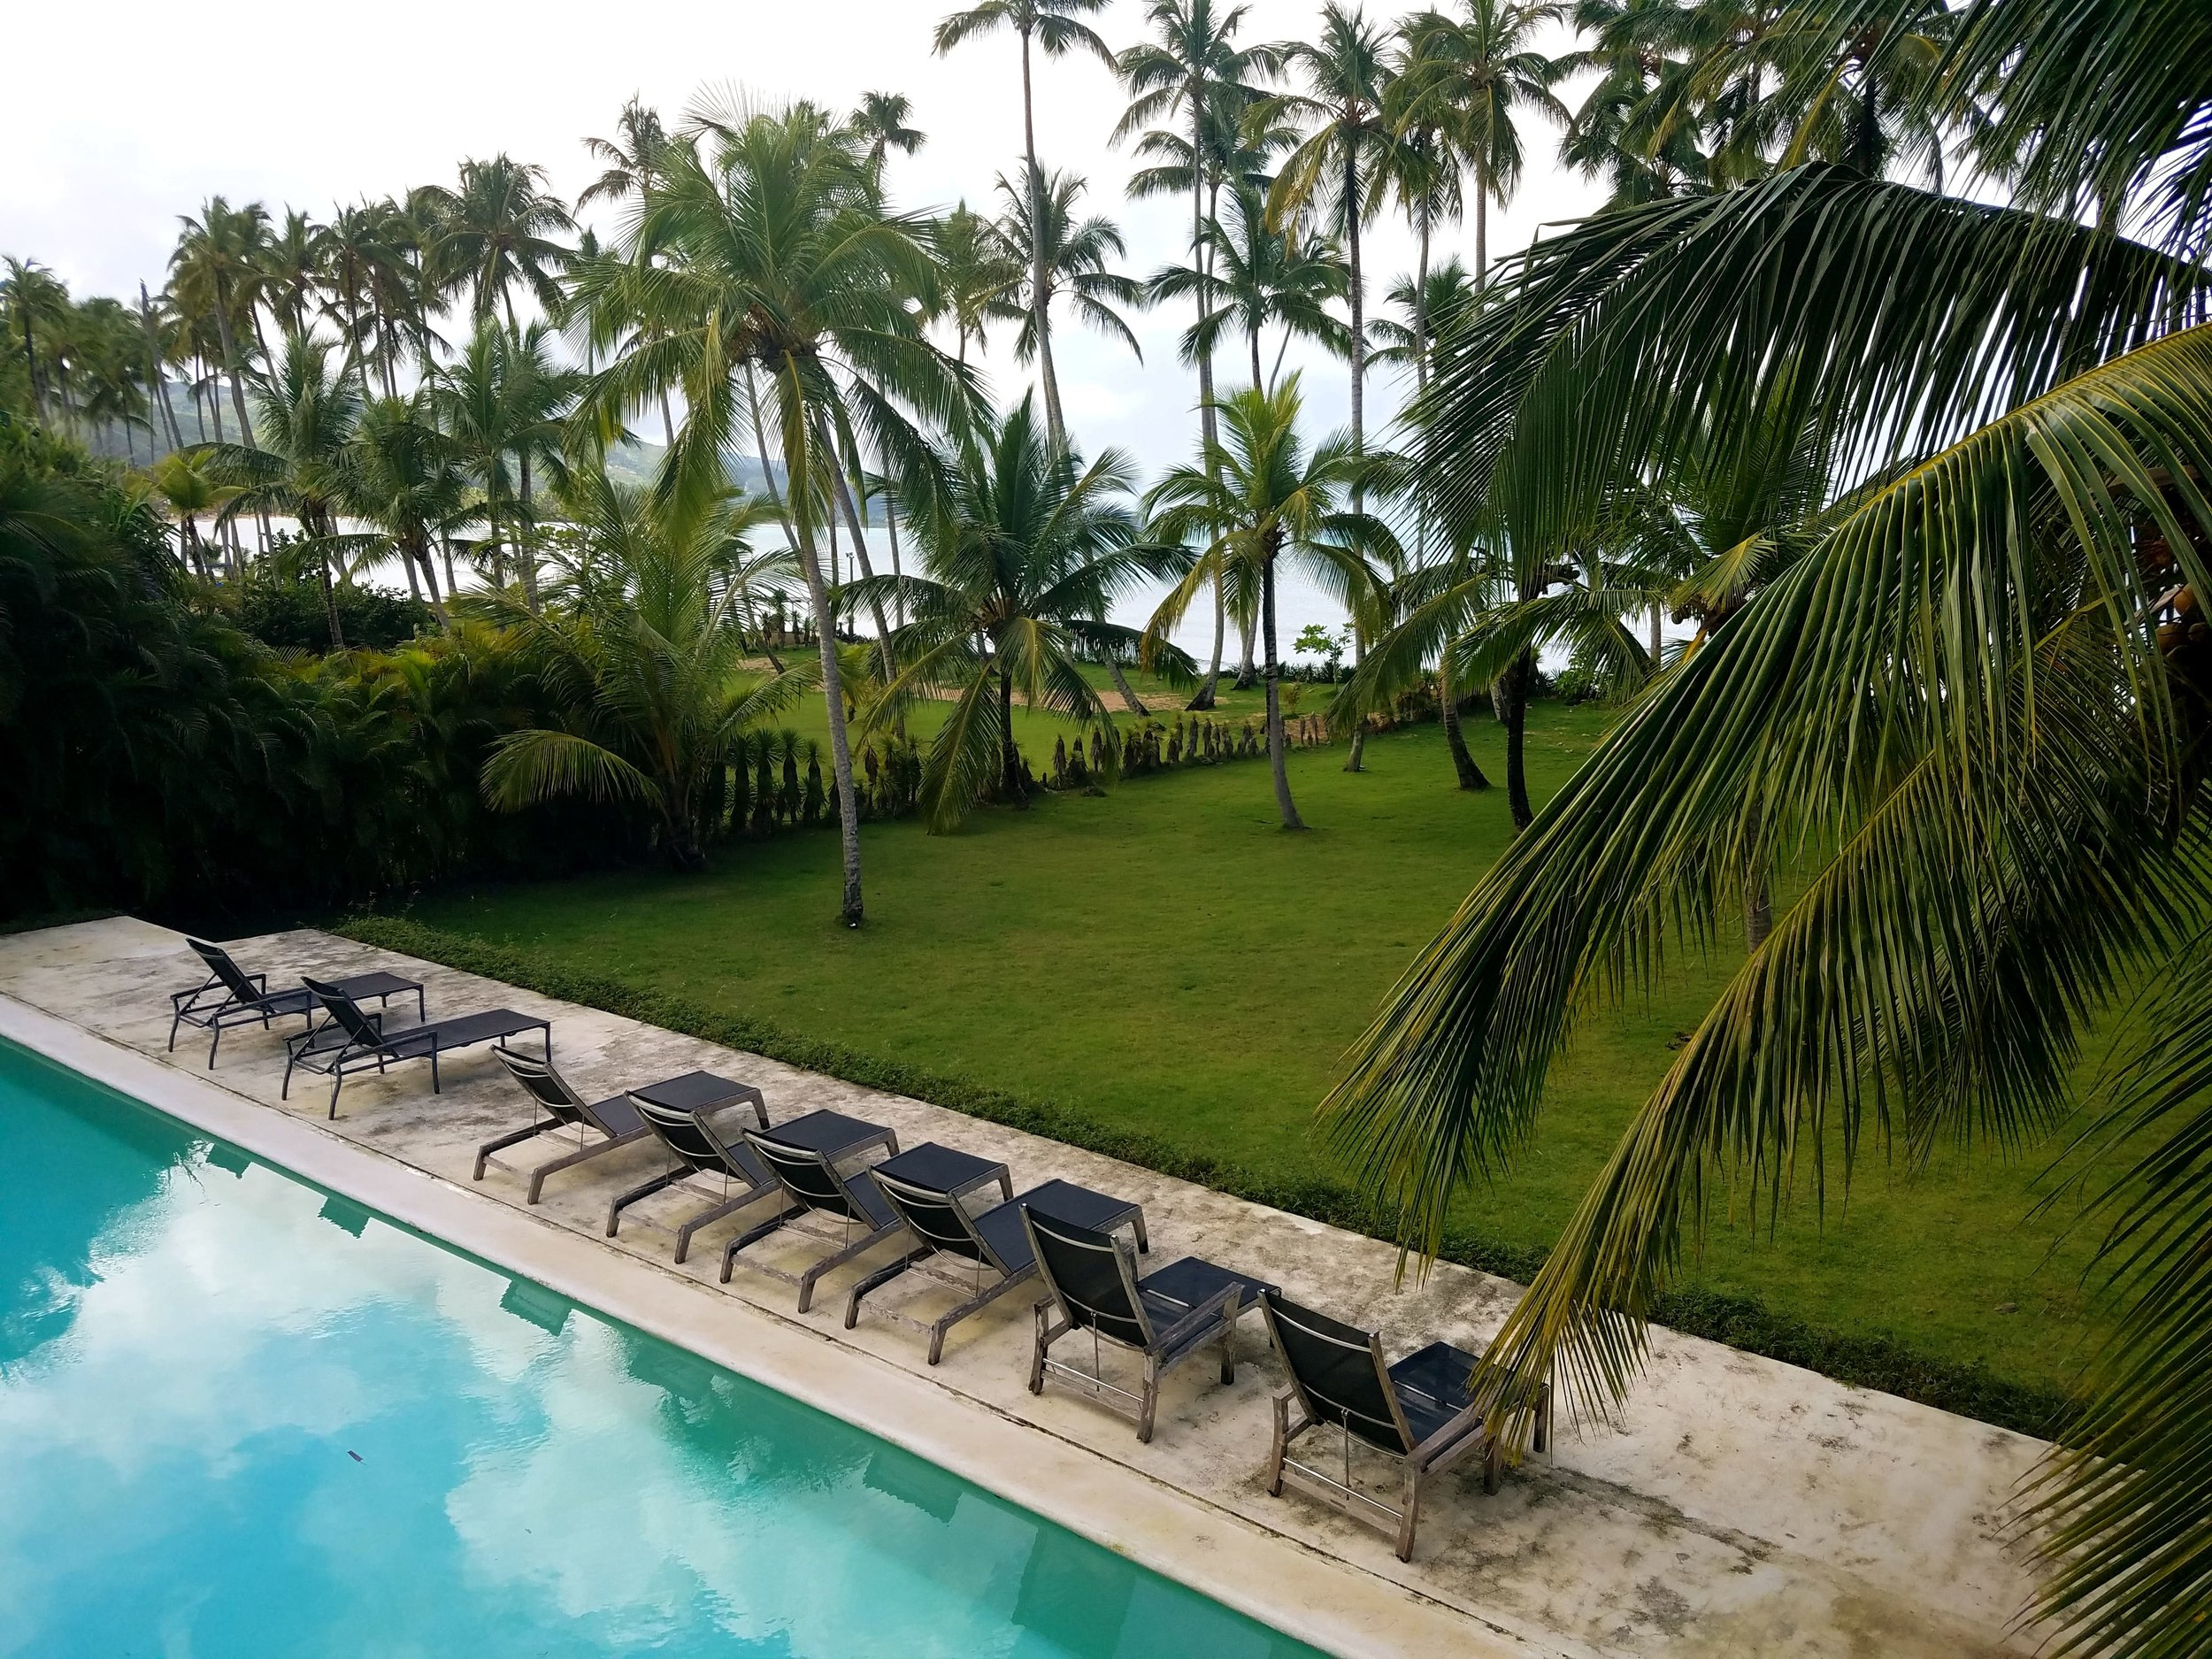 Villa for rent Las Terrenas Samana Casa Bibi14-min.jpg